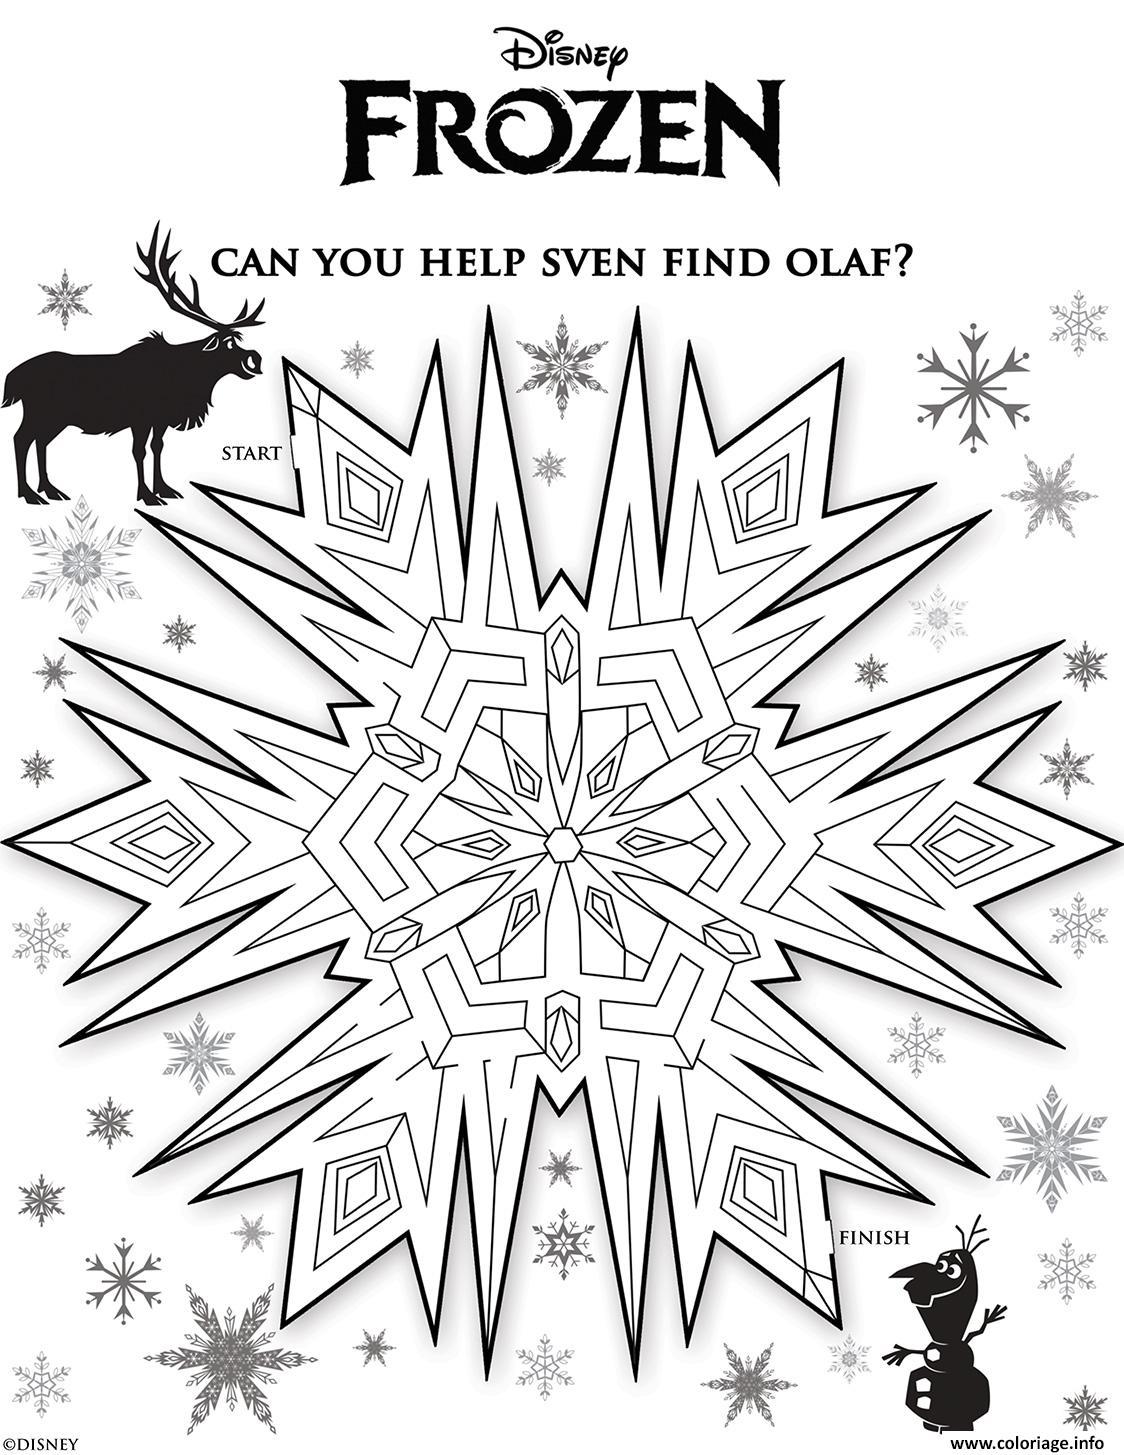 Dessin sven labyrinthe reine des neiges Coloriage Gratuit à Imprimer